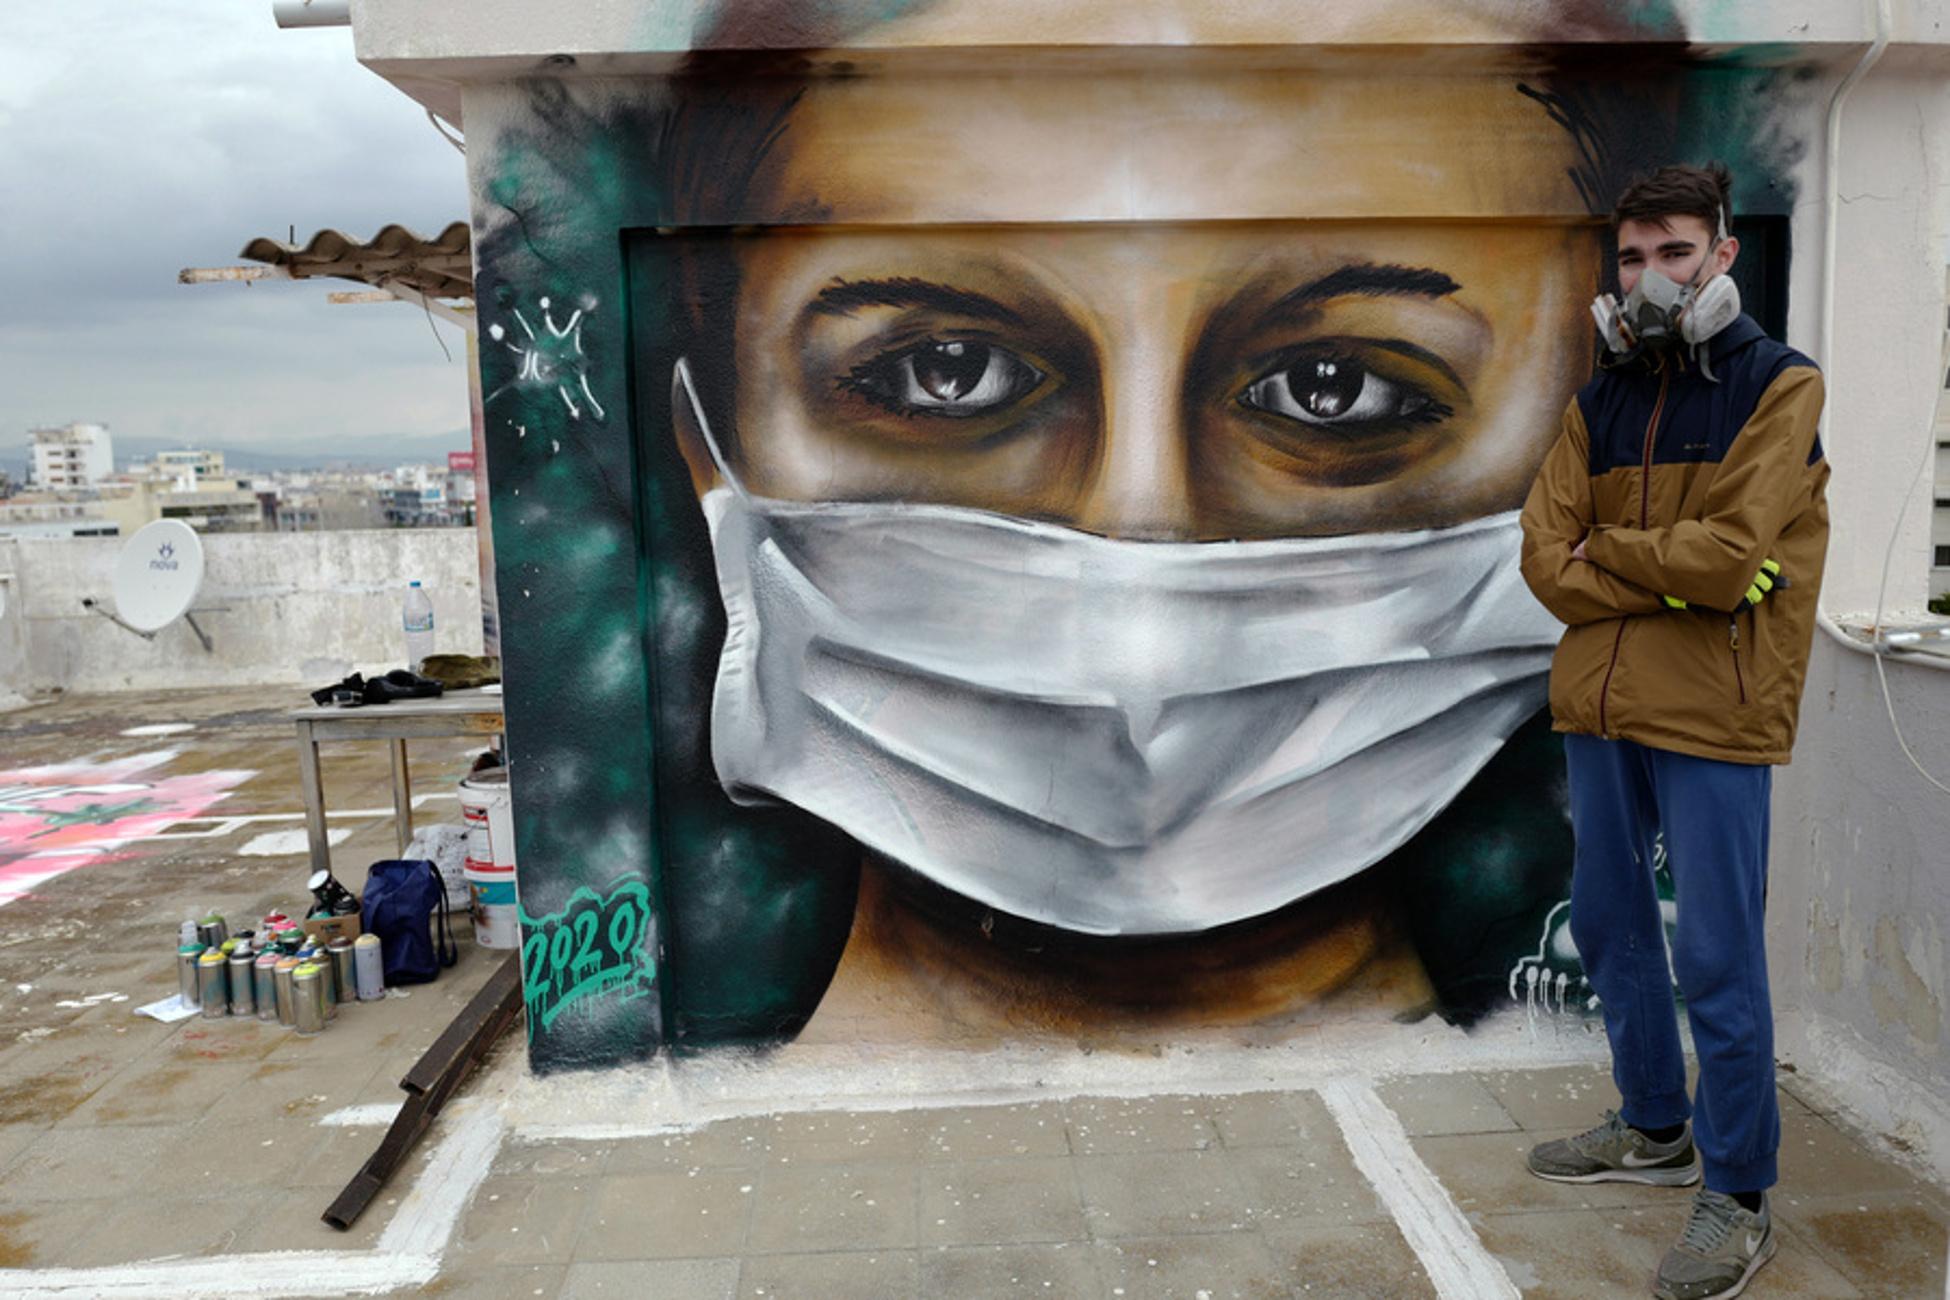 Κορονοϊός: Ένας 16χρονος δημιουργεί γκράφιτι εμπνευσμένα από την επιδημία